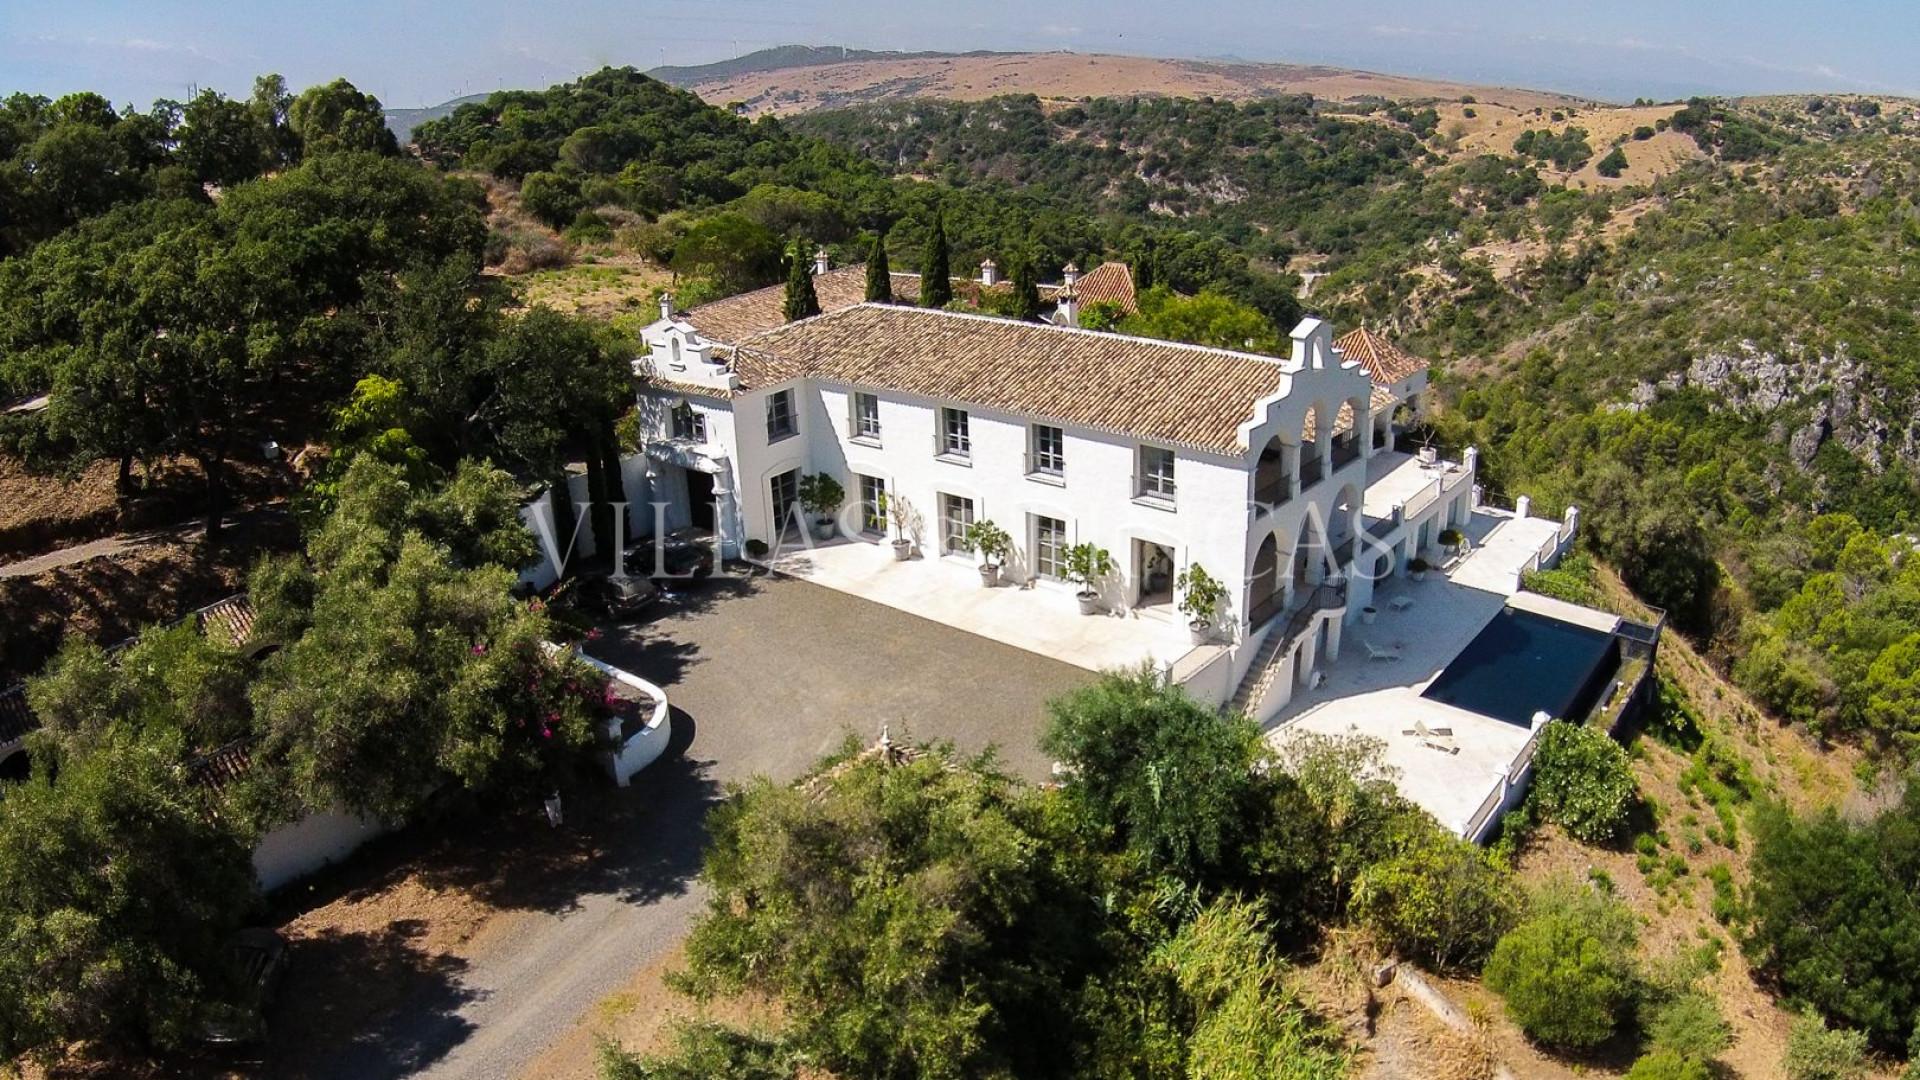 Estate in Casares